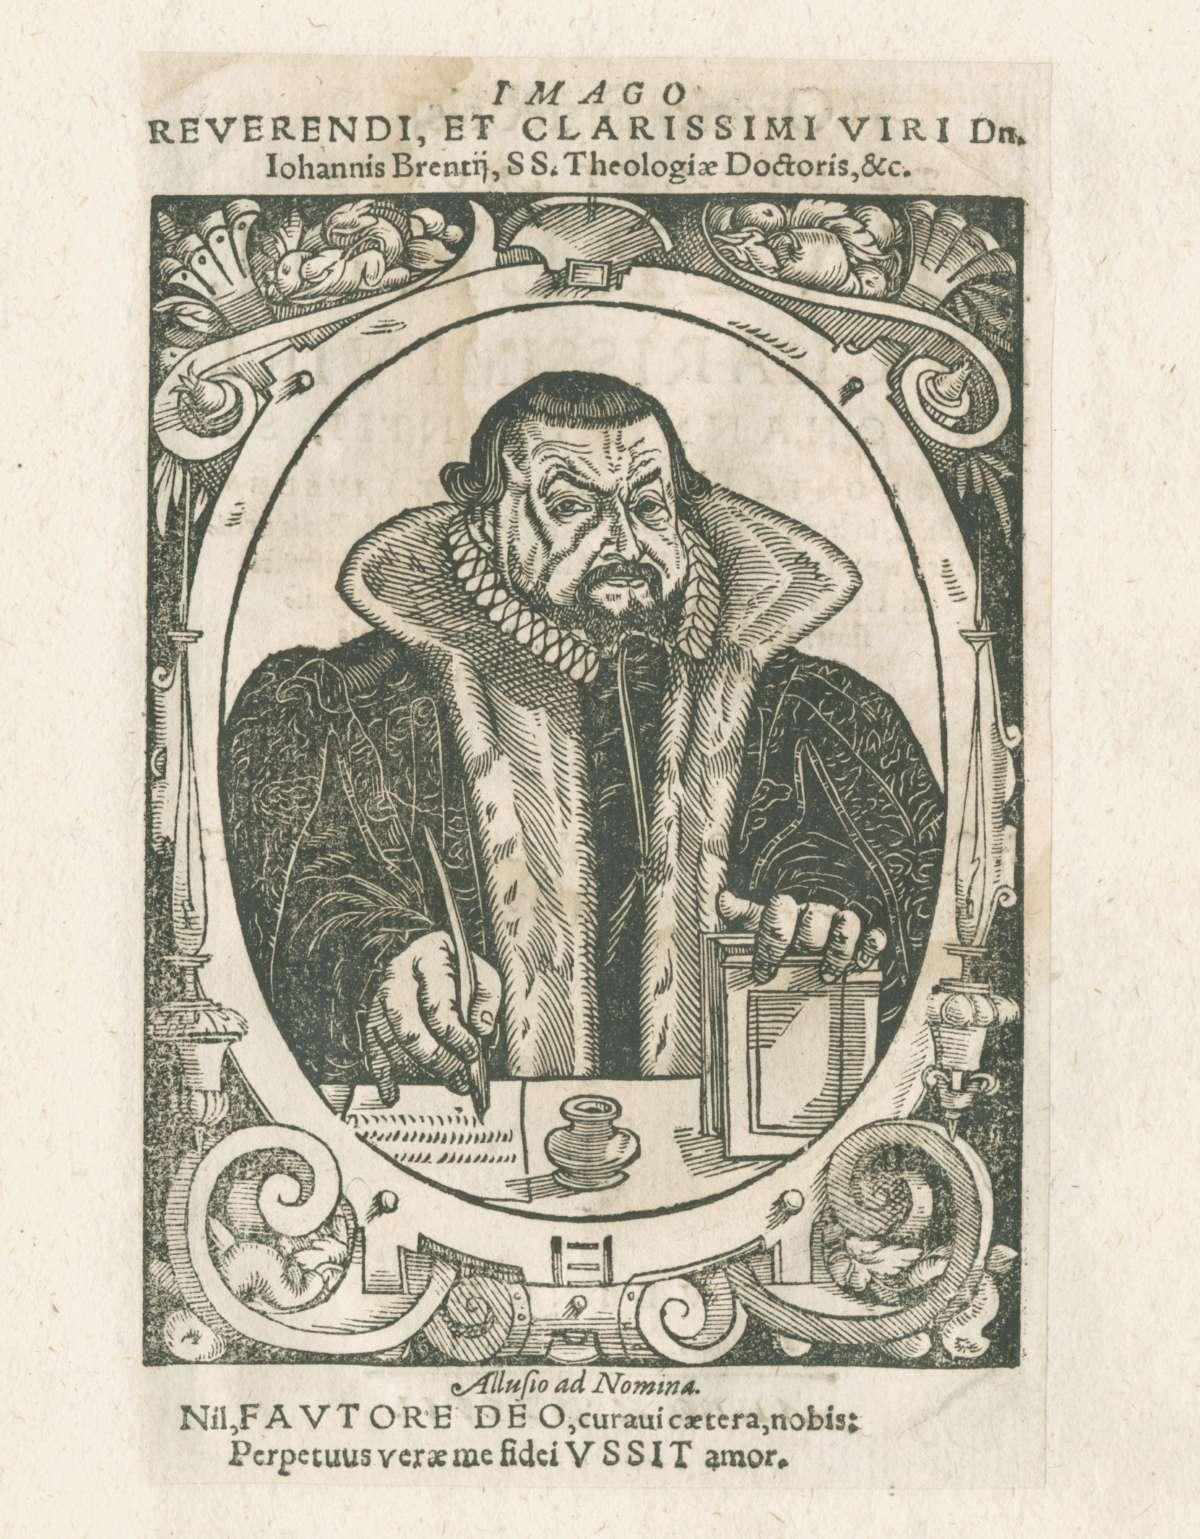 Leichenpredigten zu Mitgliedern der Familien Breitenbach, Breitschwert, Brenner, Breuning, Brenz, und Breyer, Bild 1